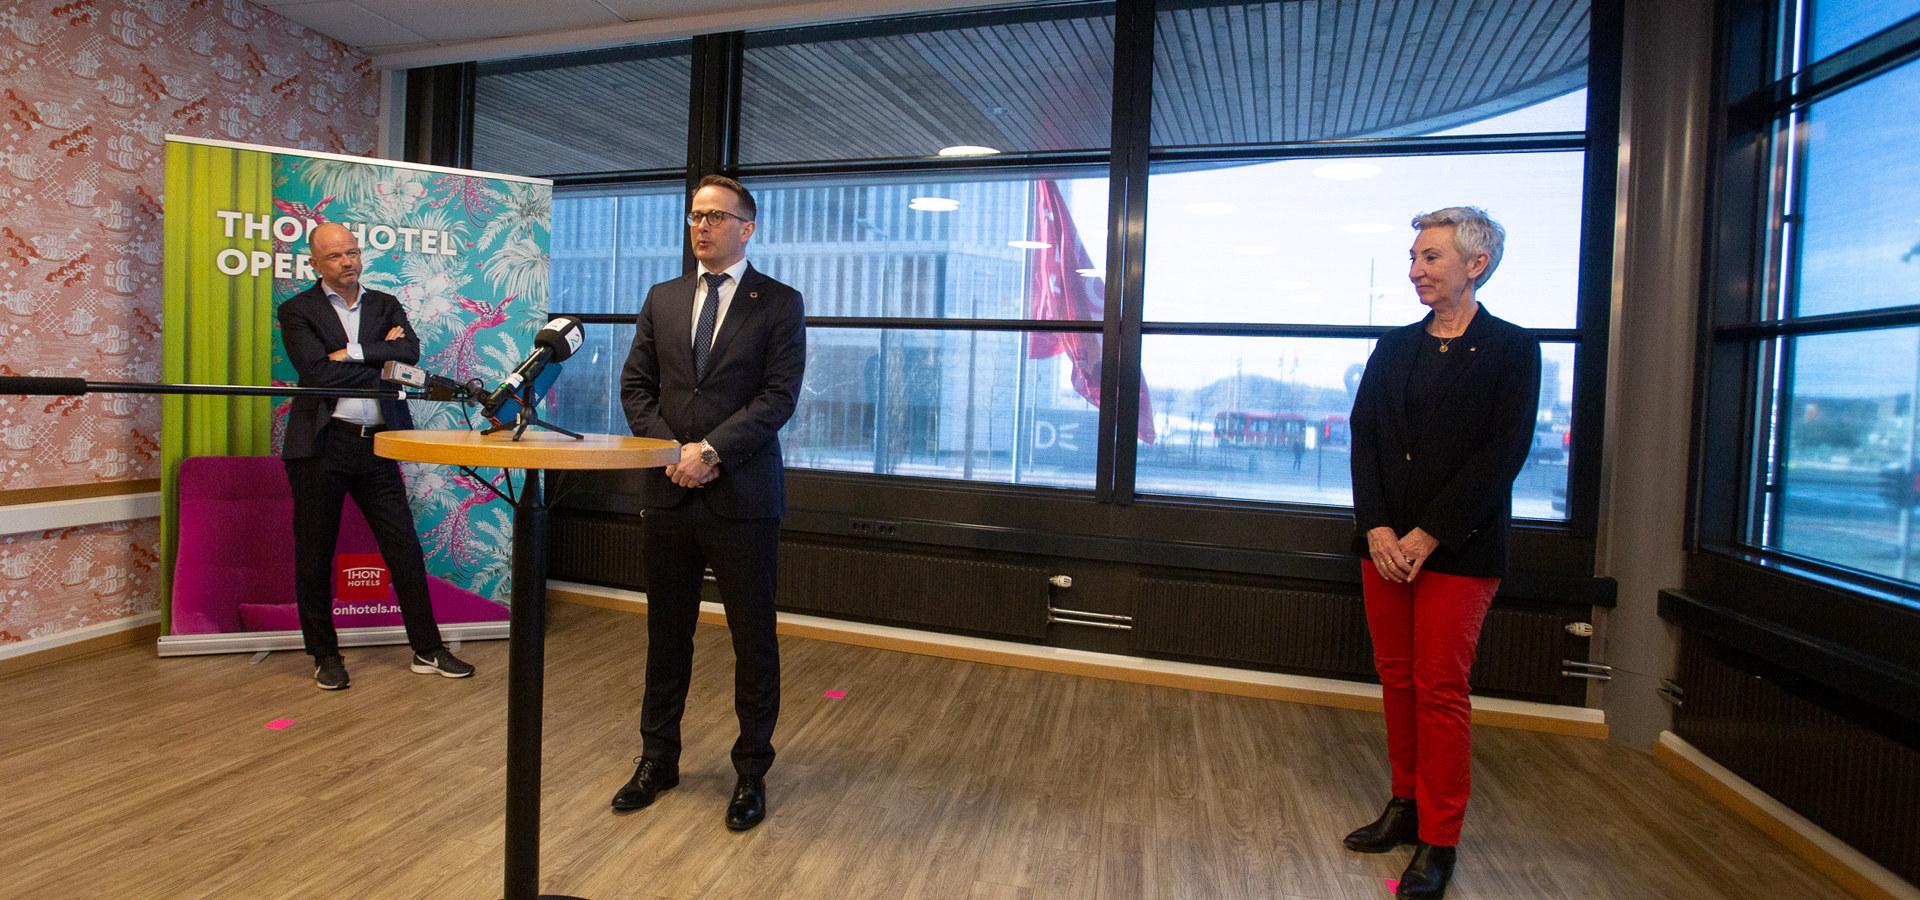 Meklingsstart ved lønnsoppgjøret 2021. F.v. Ole Erik Almlid, NHO, riksmekler Mats Ruland og Peggy Hessen Følsvik, LO. Foto: NHO